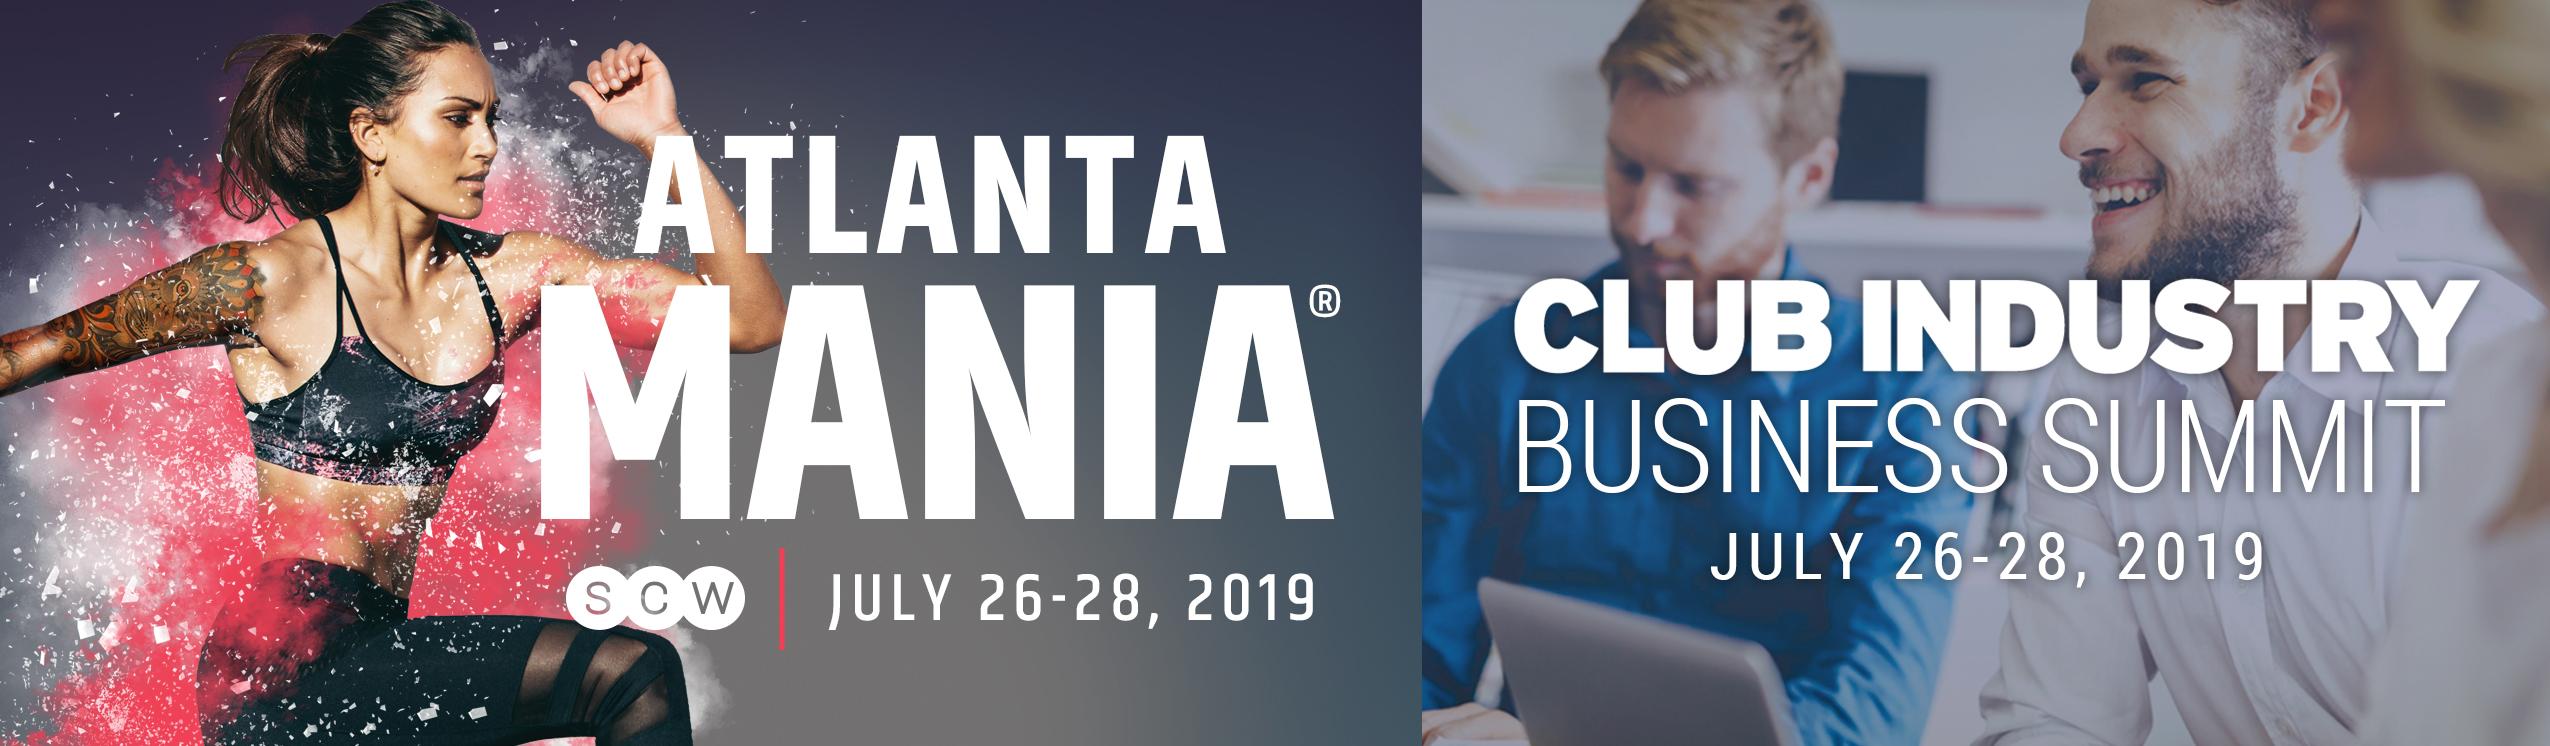 Atlanta MANIA® 2019